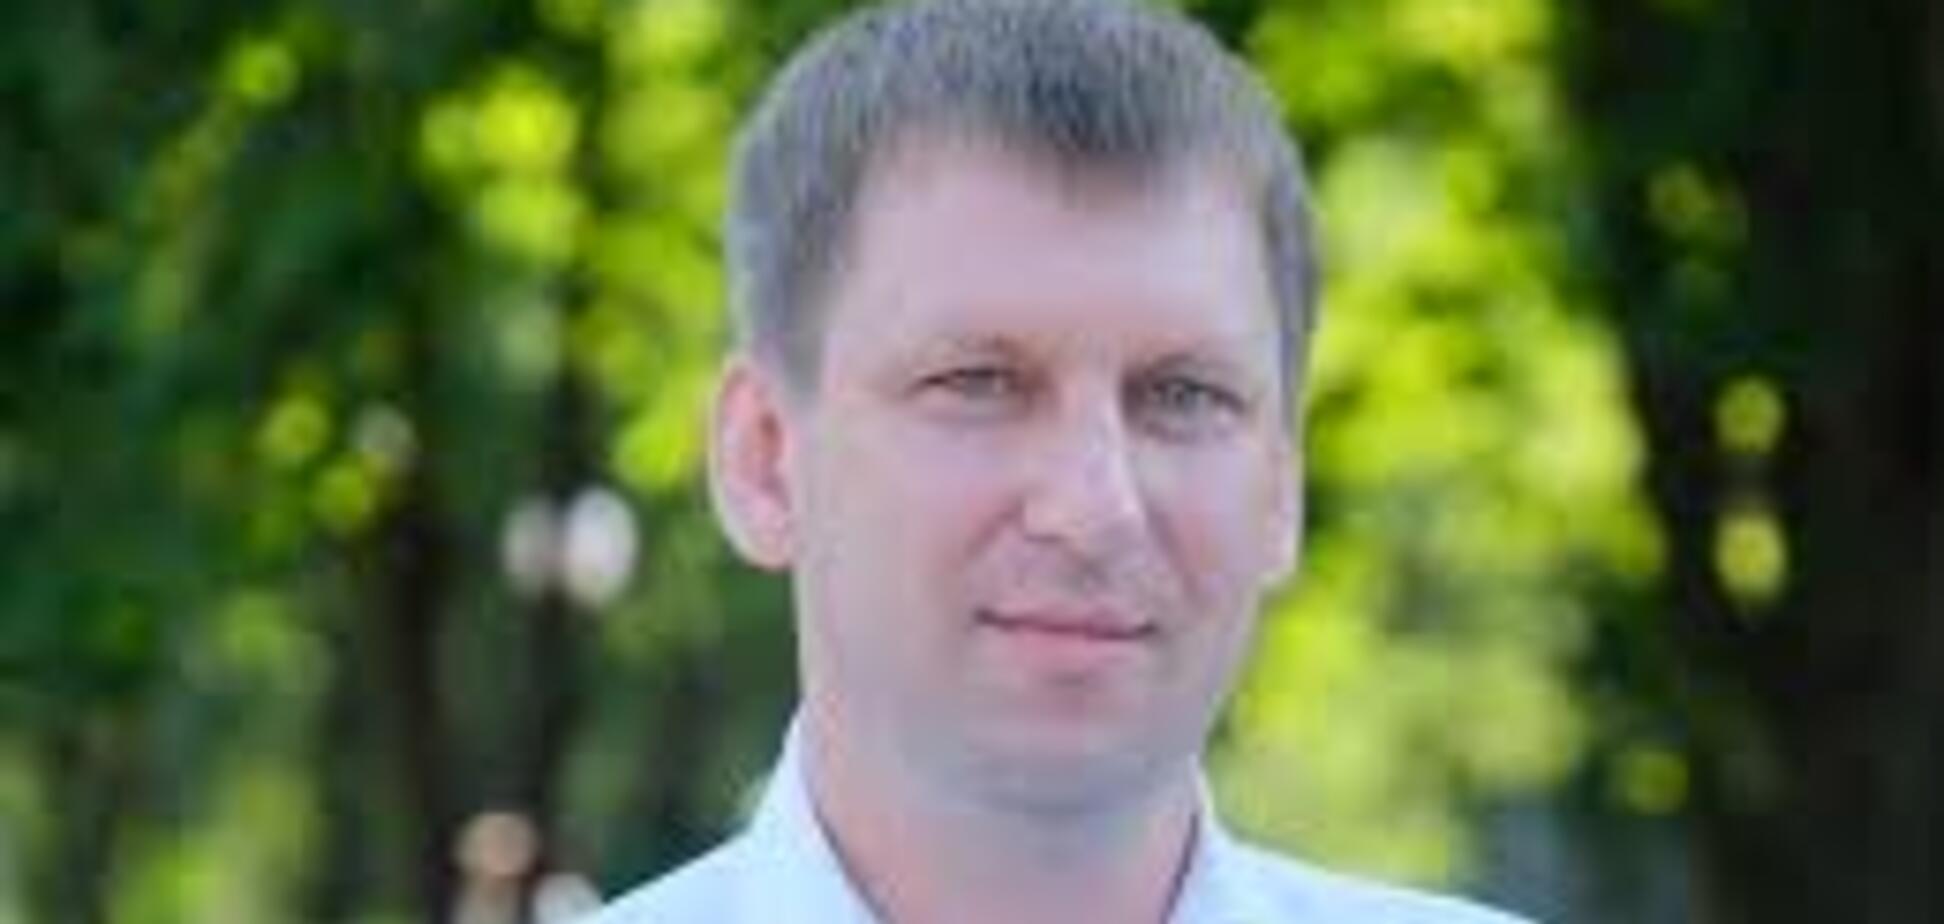 Суд звільнив мера Покрова на поруки Філатова